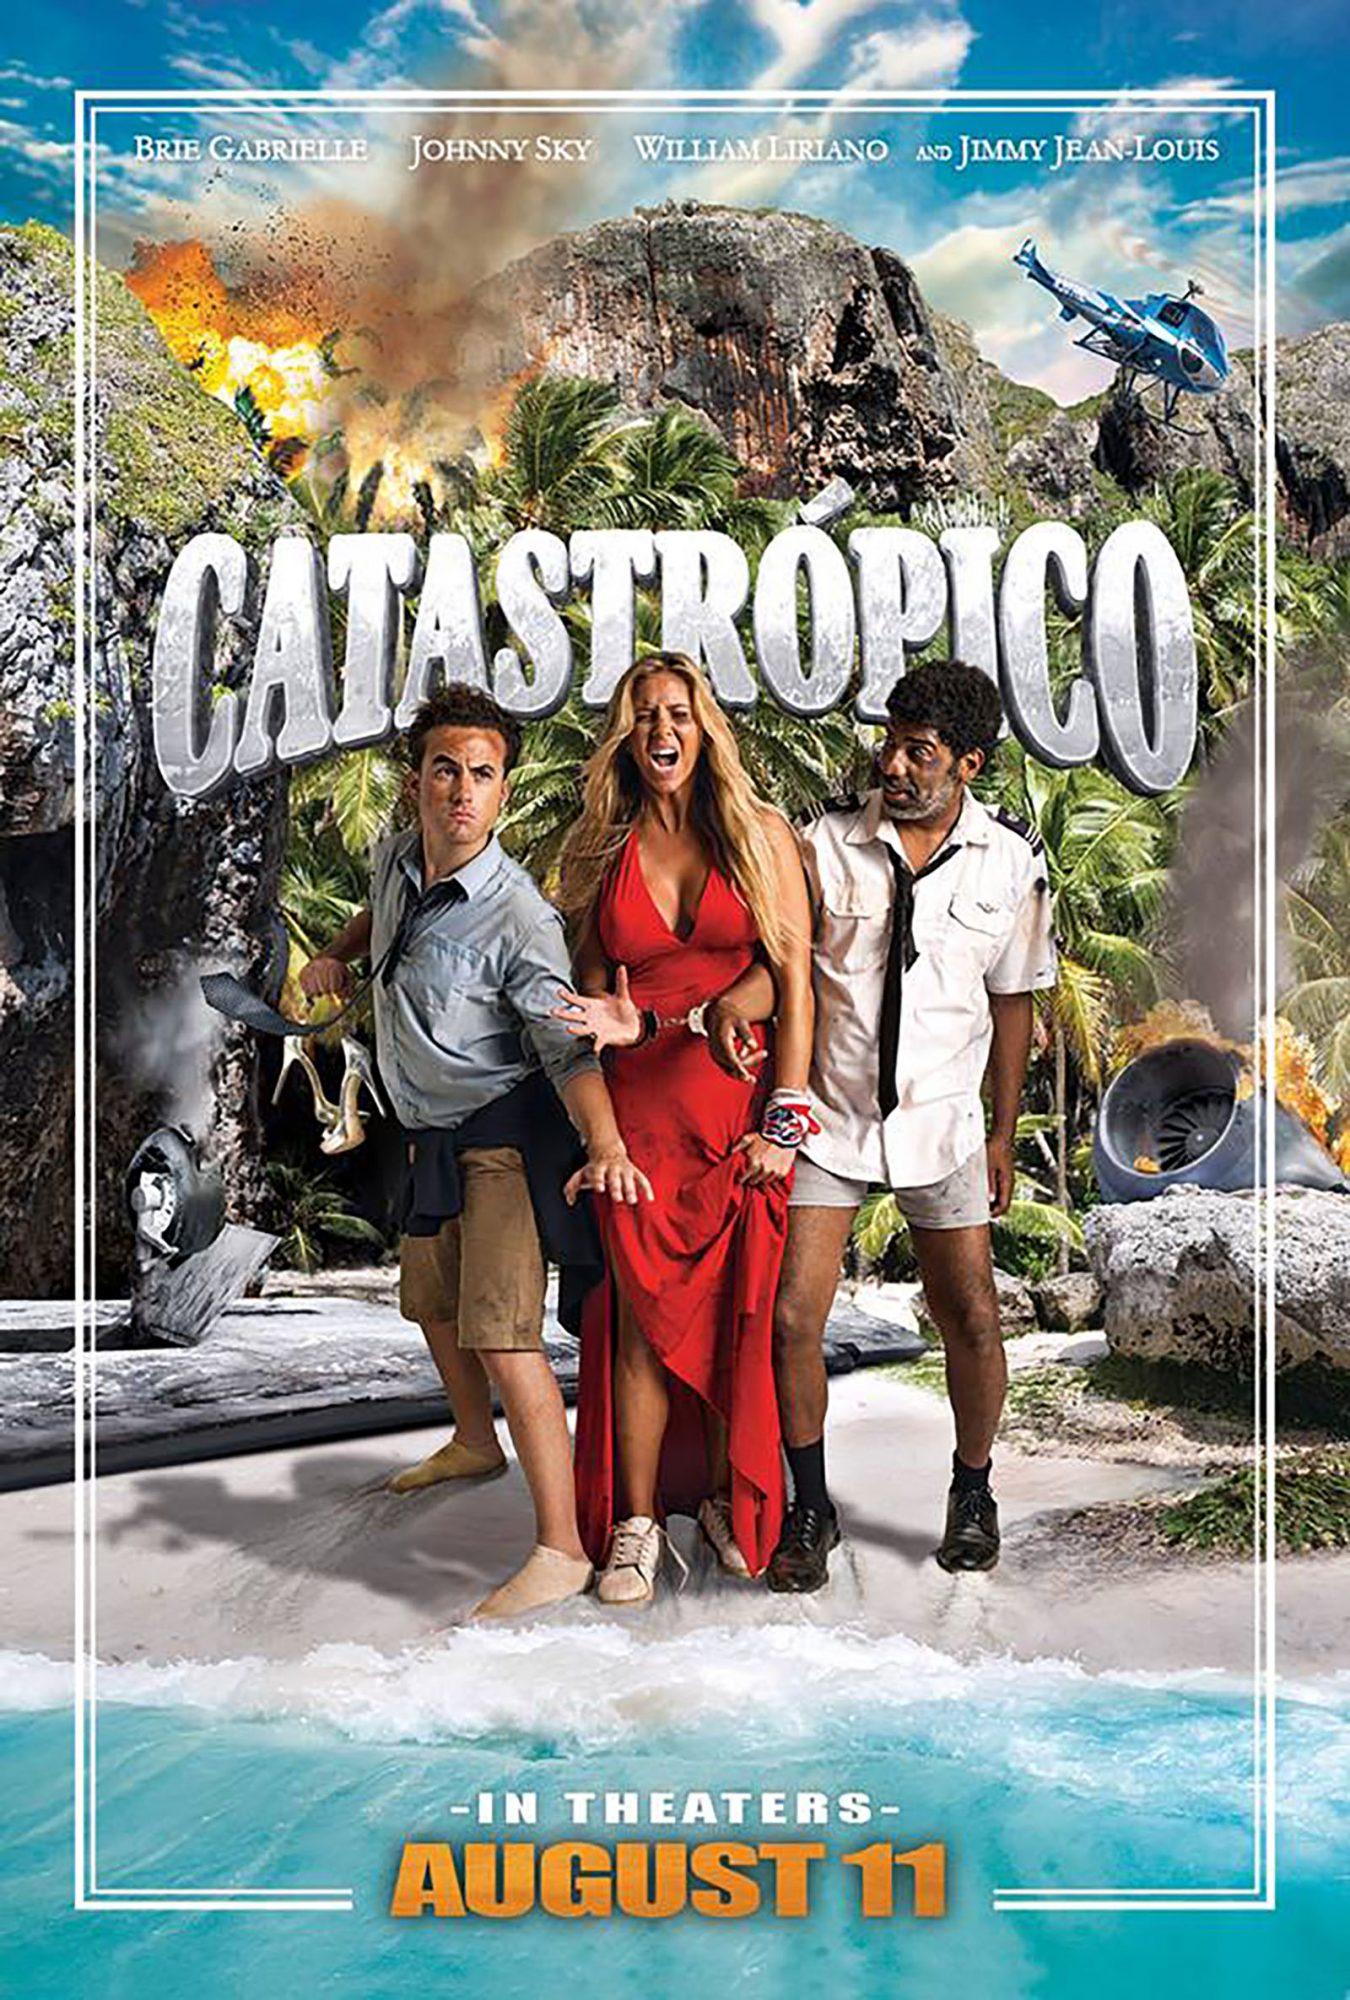 Catastropico